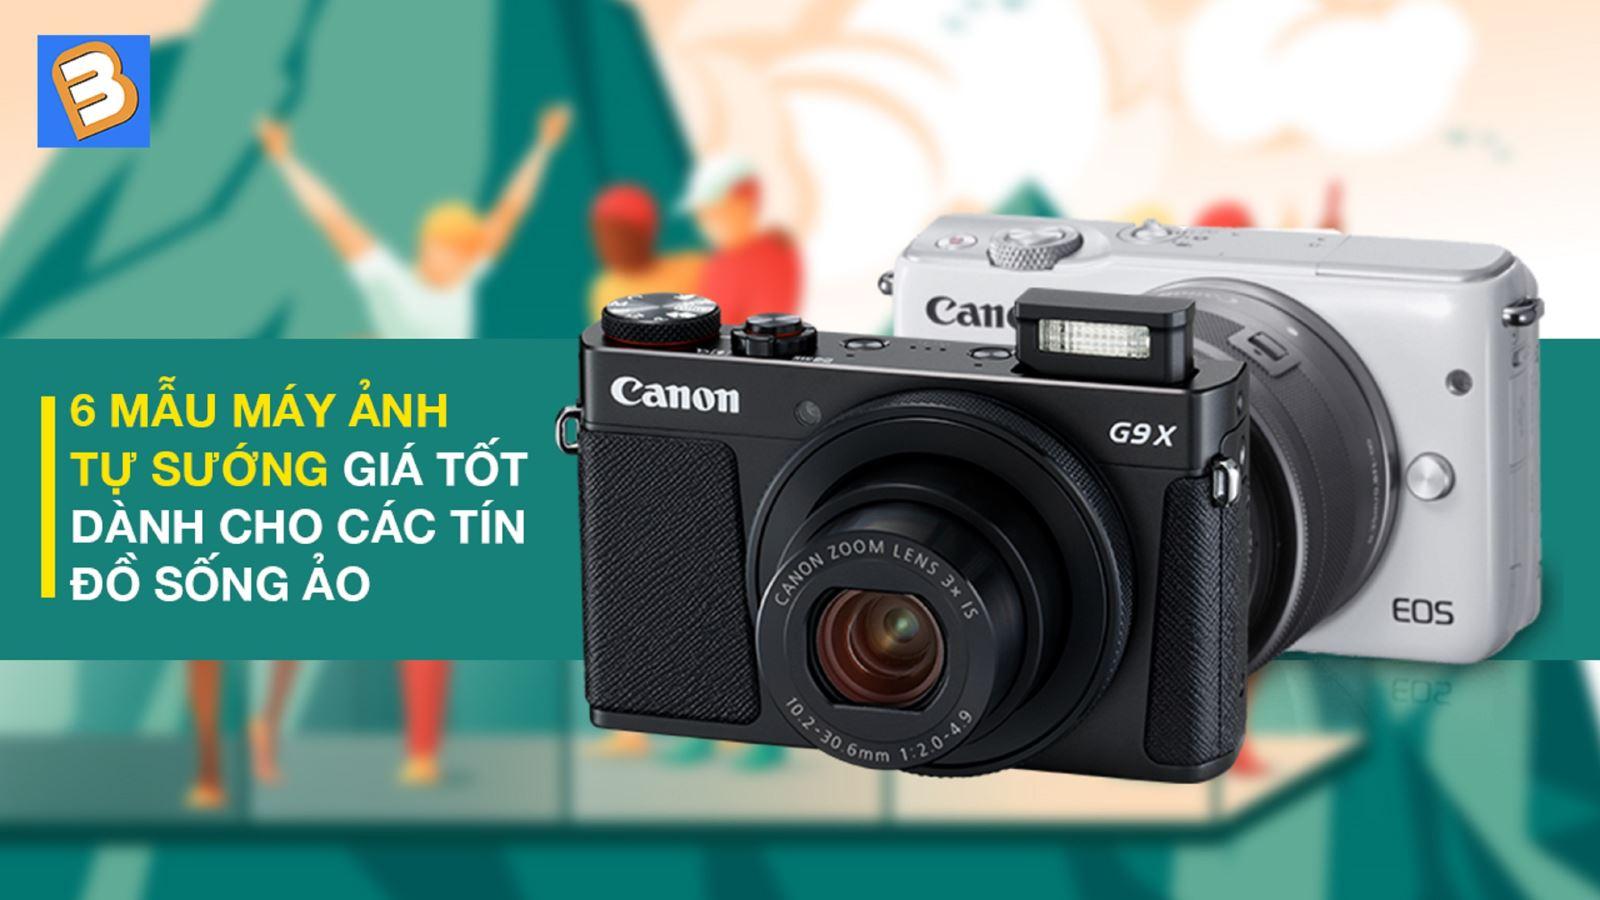 6 mẫu máy ảnh tự sướng giá tốtdành cho các tín đồ sống ảo